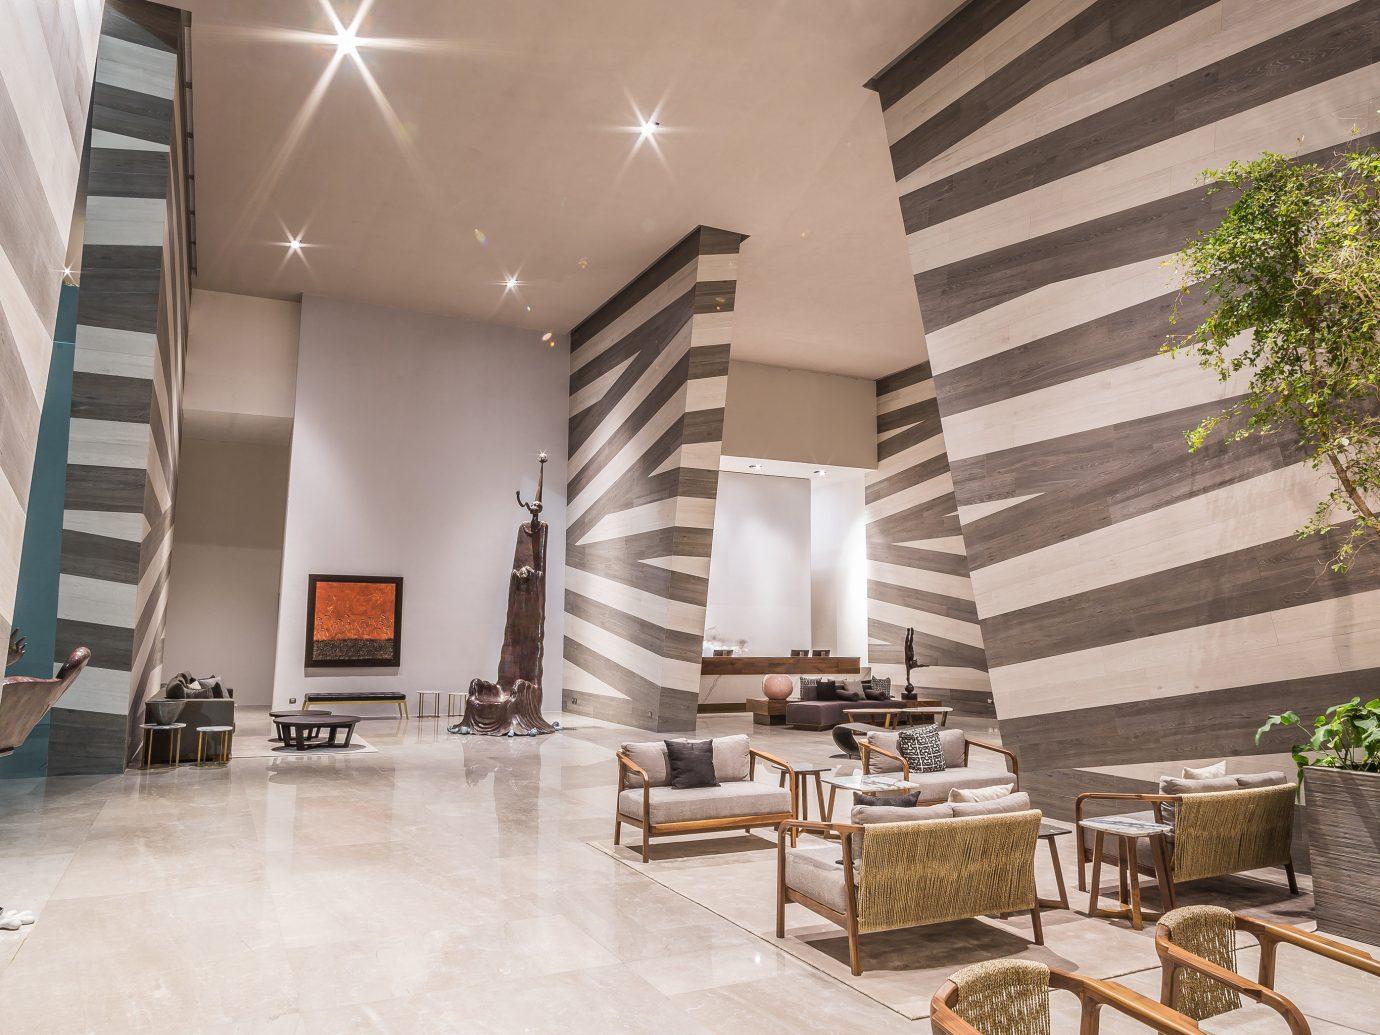 Hotels Lobby indoor floor Living room Architecture interior design furniture Design estate convention center flooring